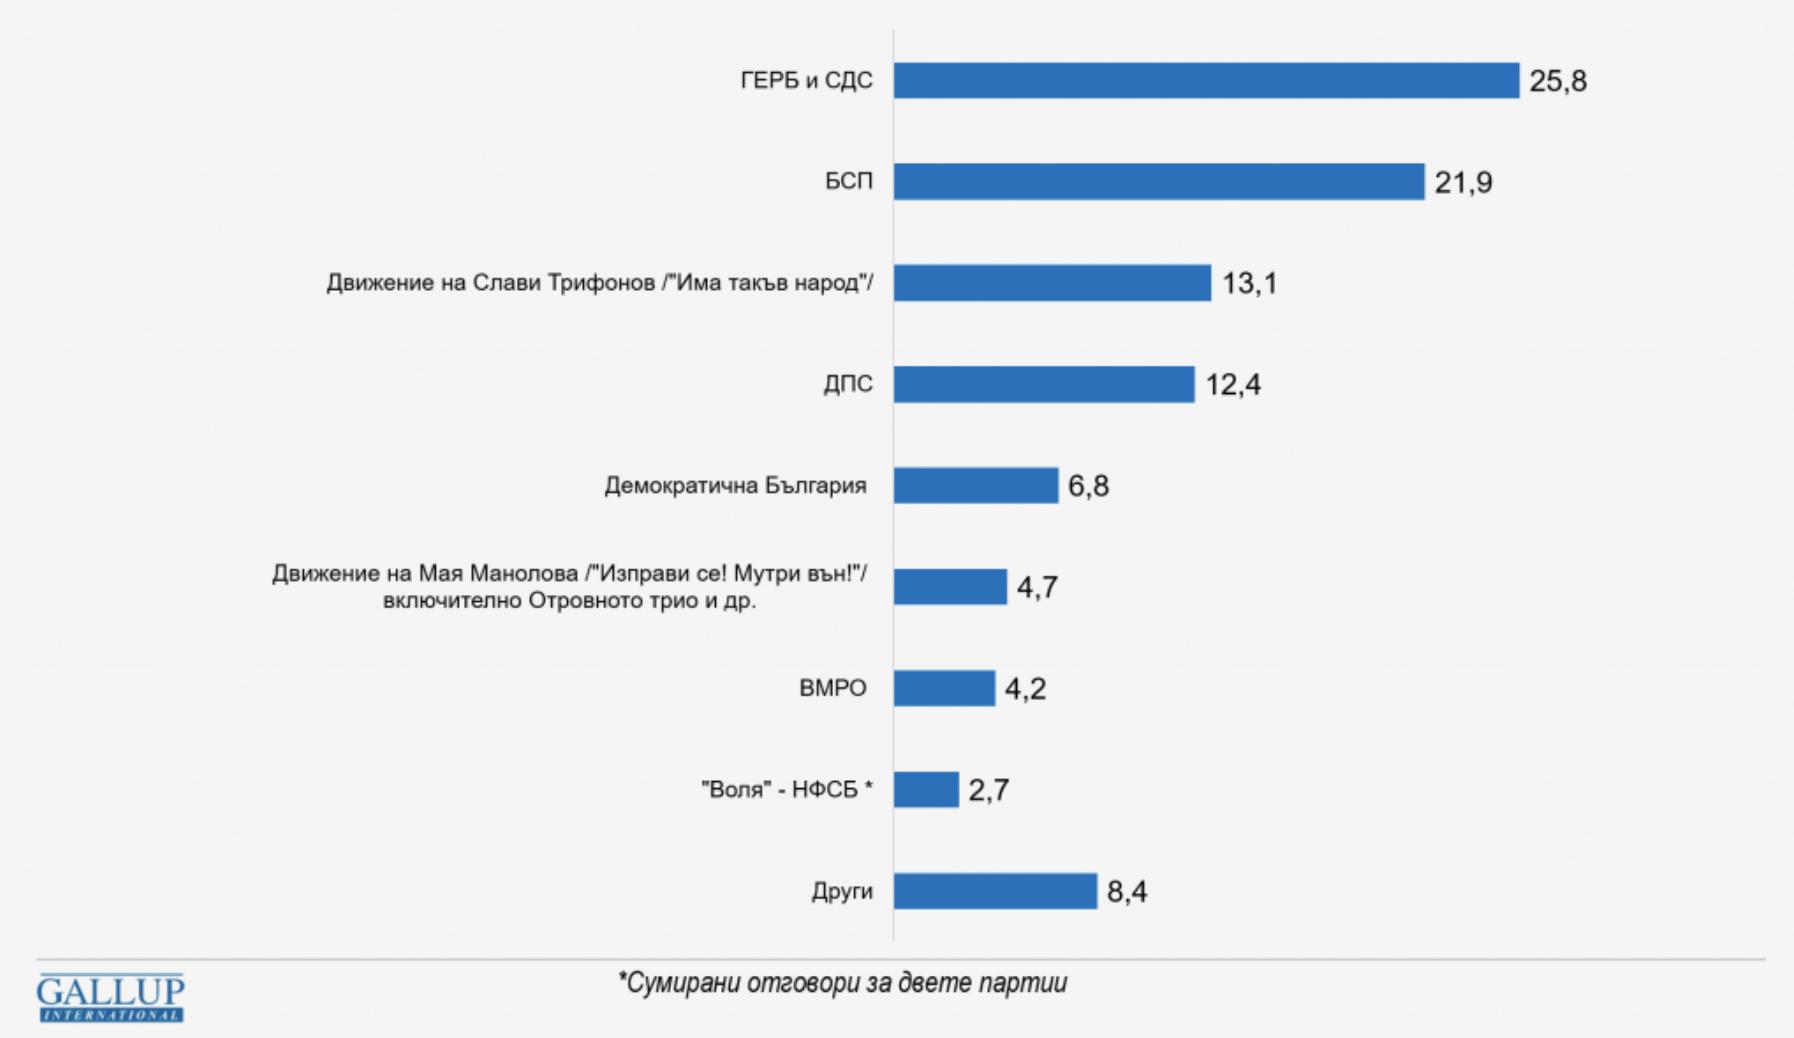 Bugarska: Najnovije istraživanje Gallupa pokazuje da GERB-UDF vode sa 25,8% ispred BSP koji ima 21,9%